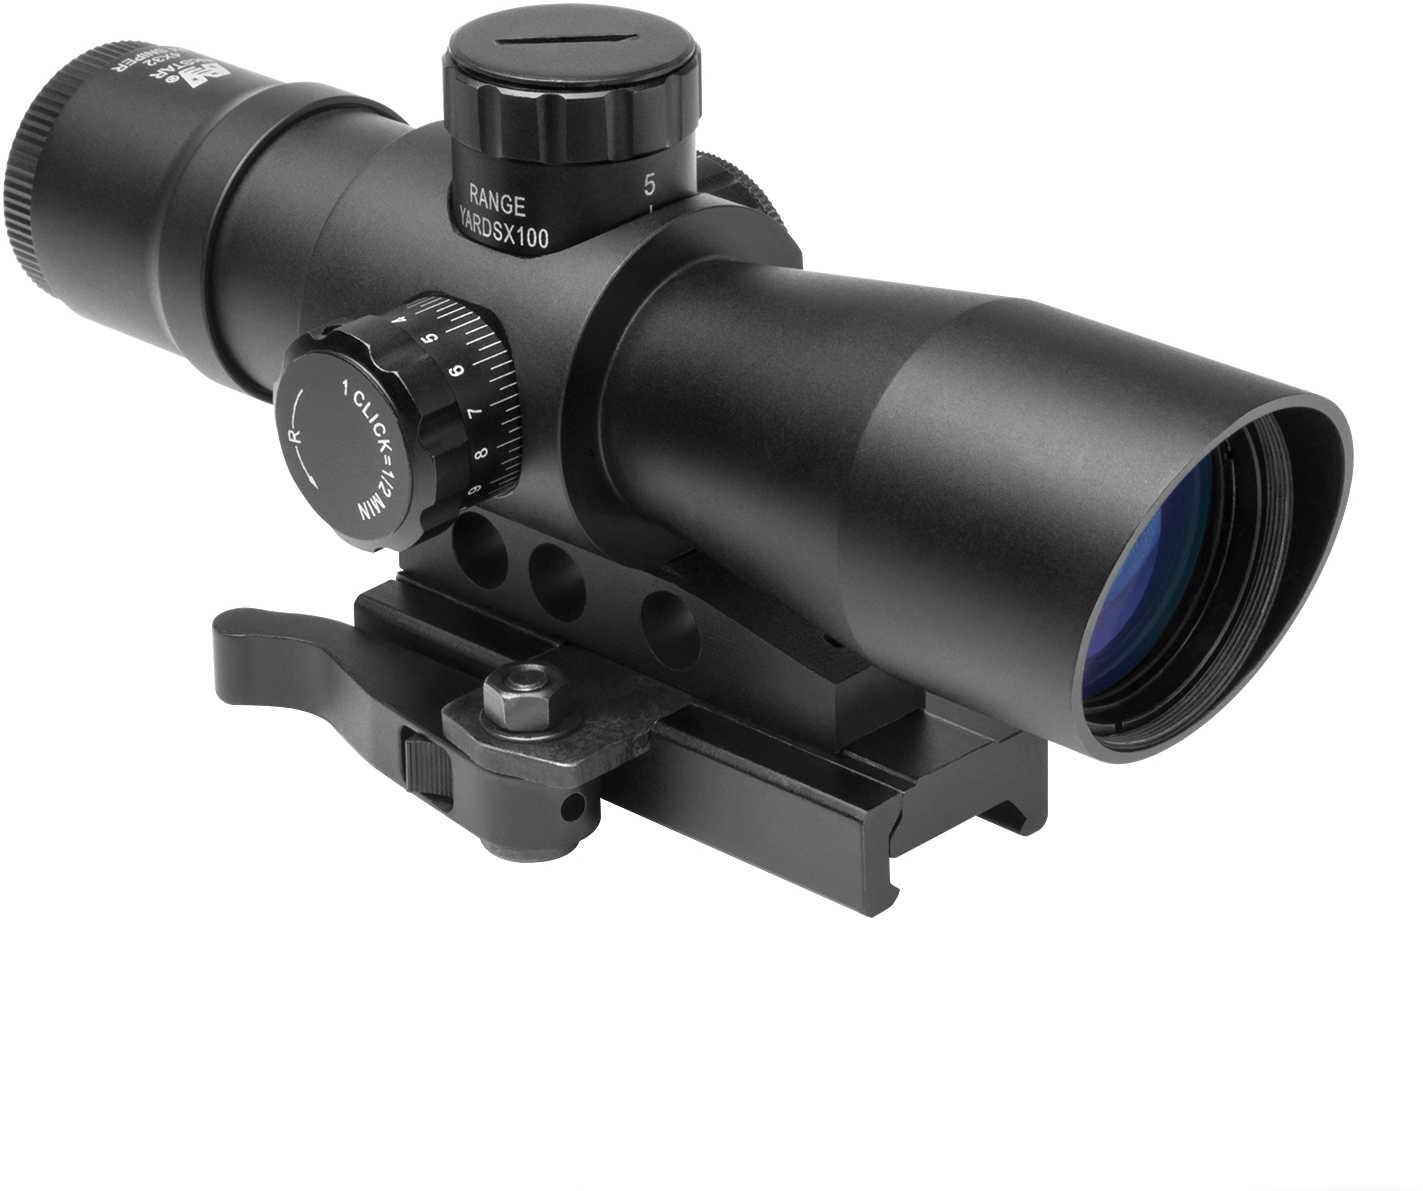 NcStar Mark III Tactical Gen 2 4x32mm P4 Sniper STP432GV2